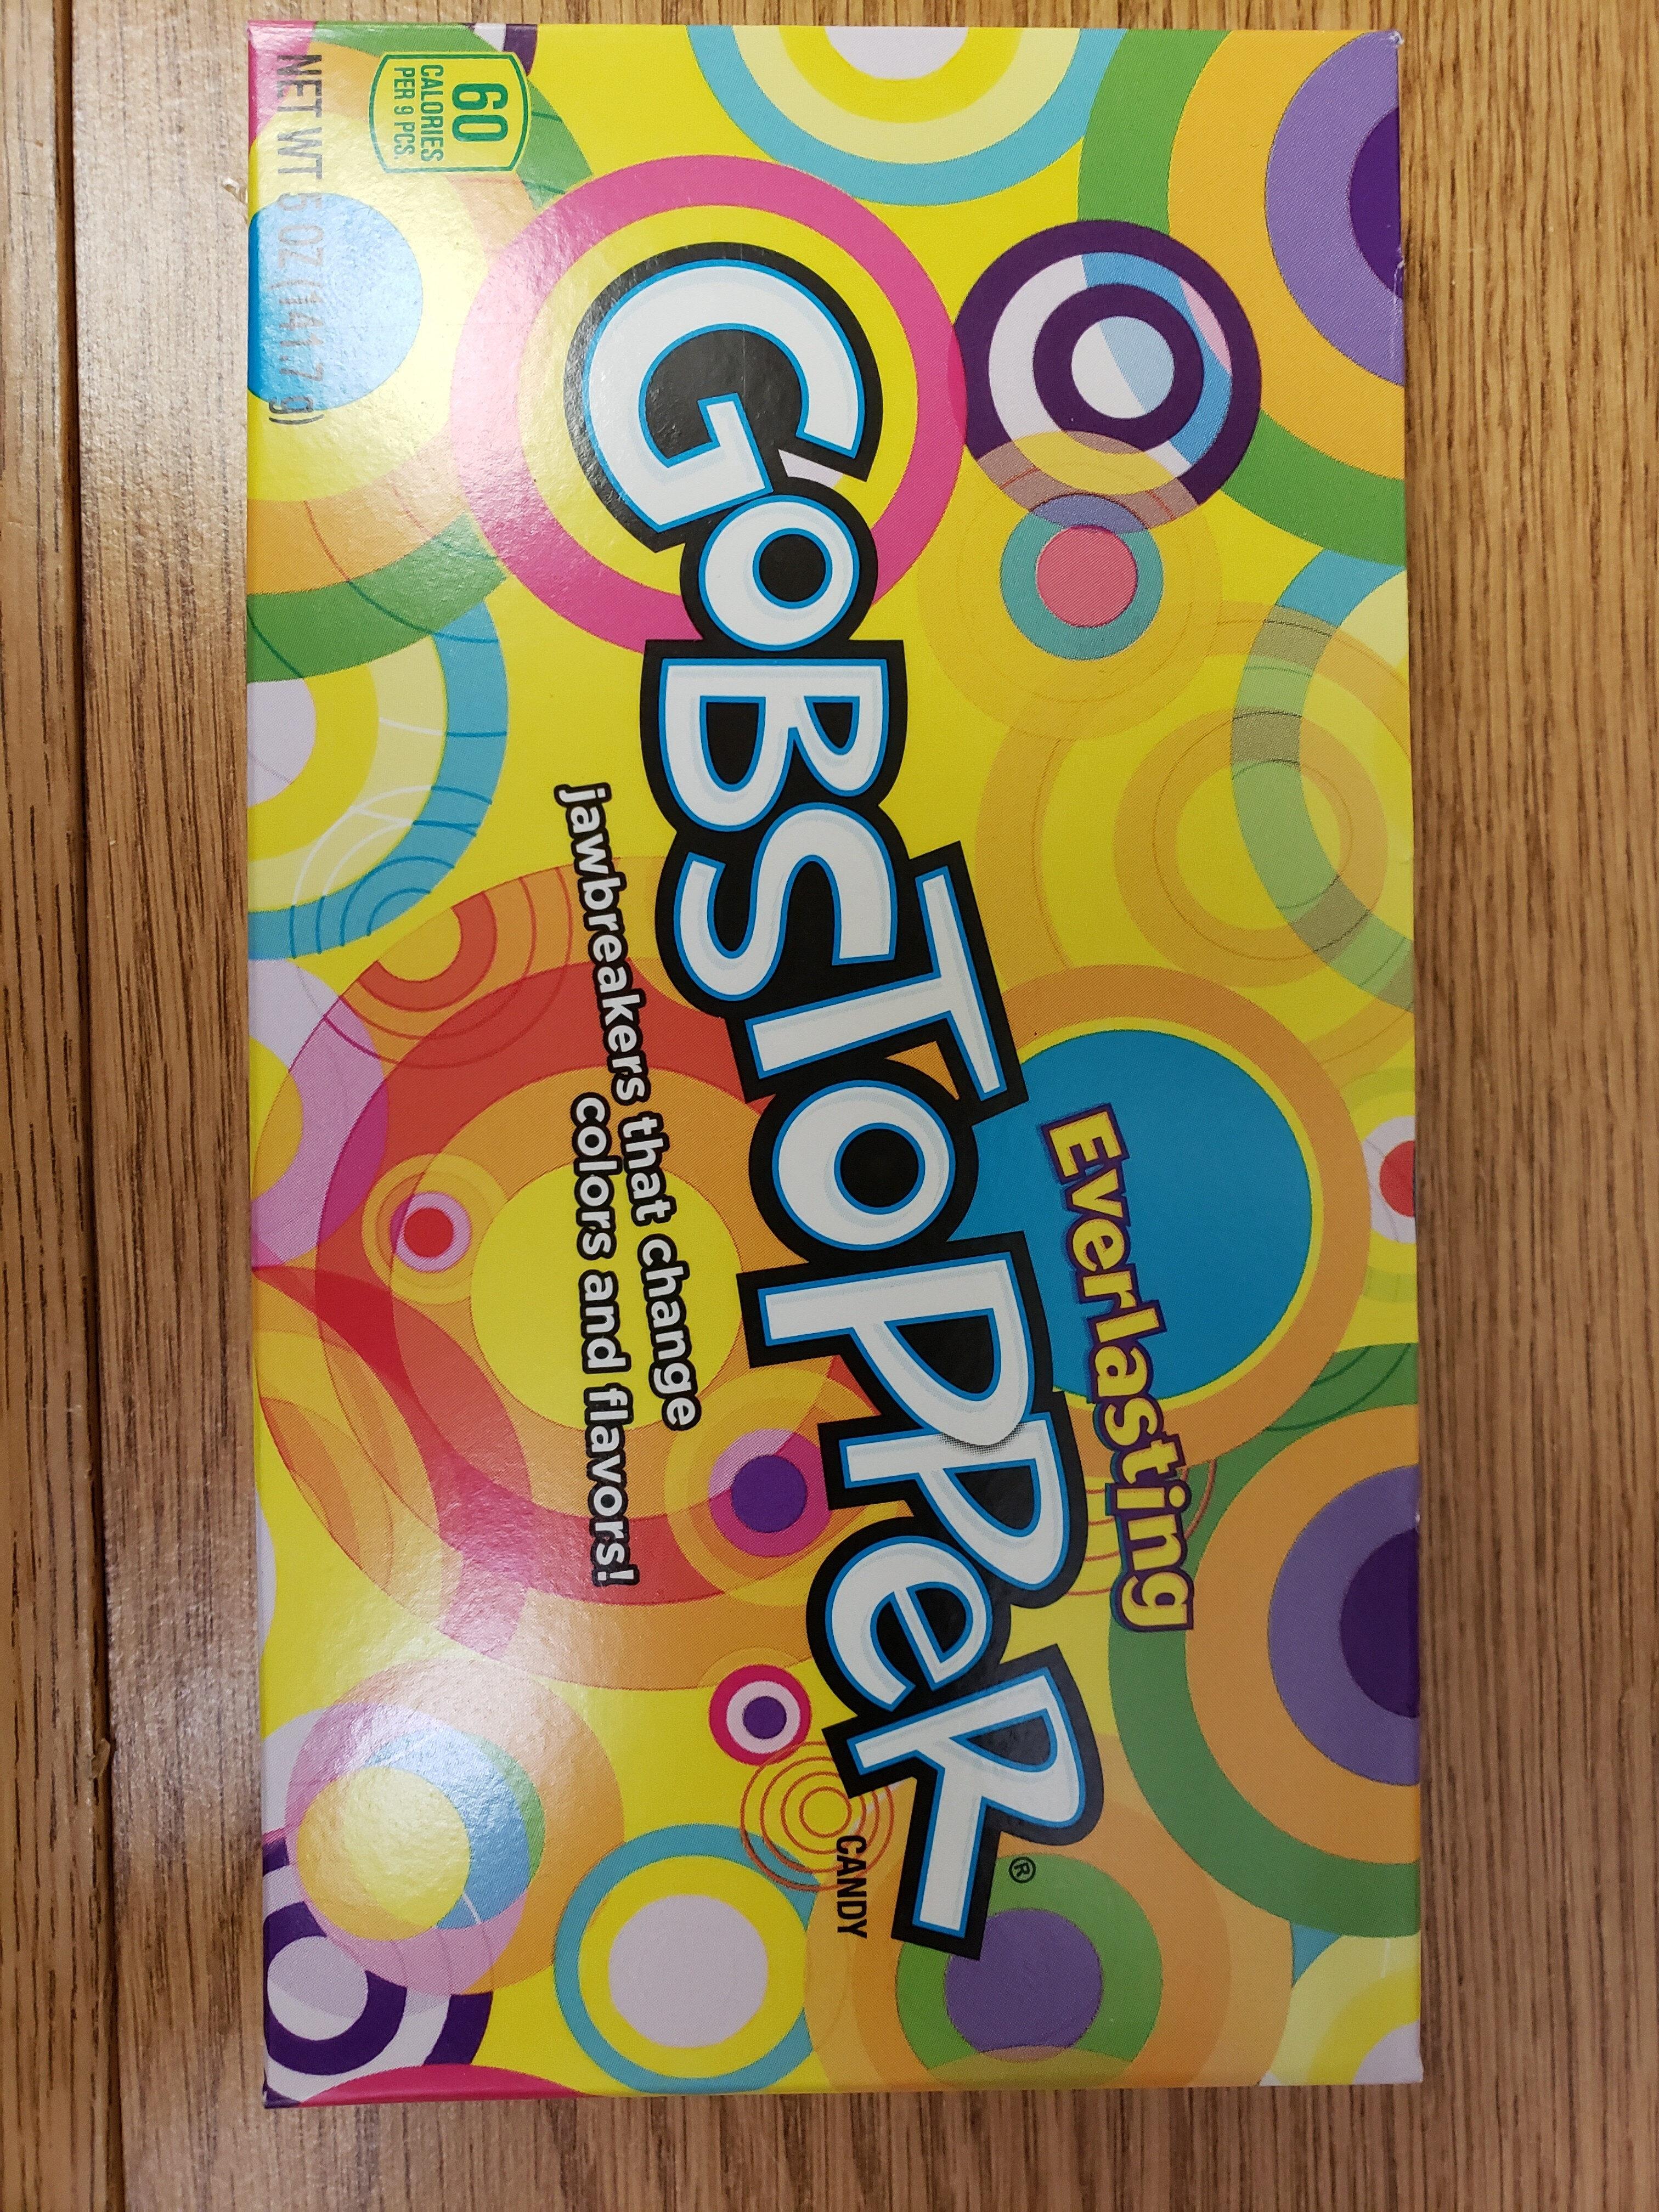 Gobstopper, candy - Product - en